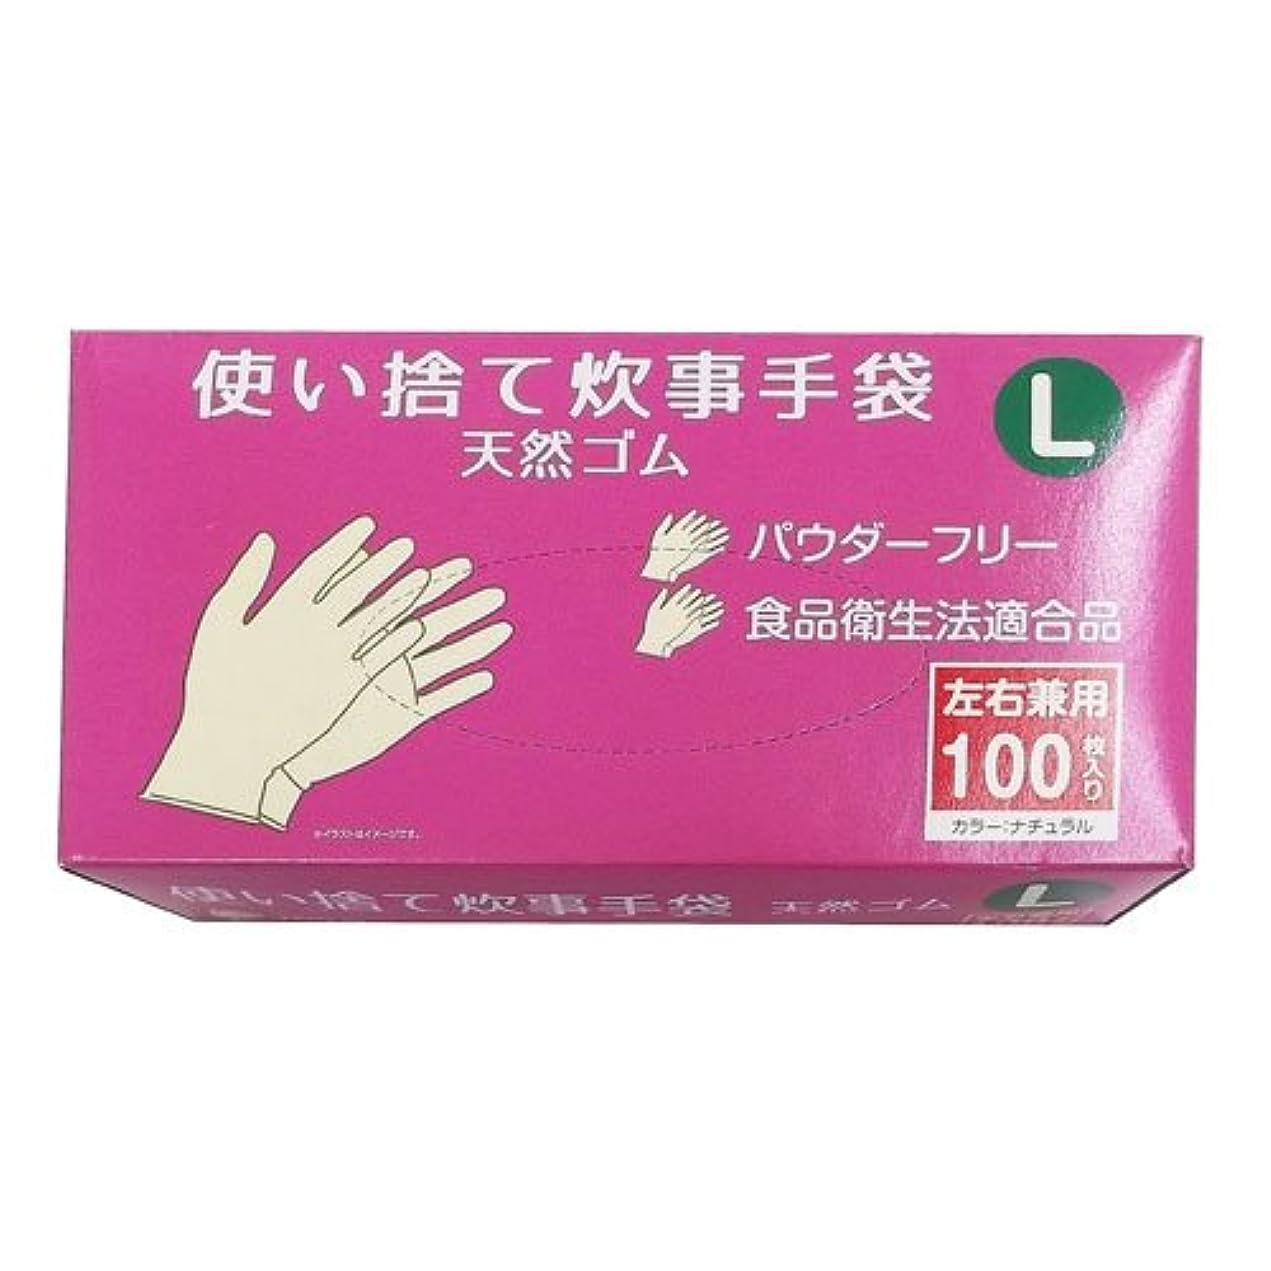 飲み込むゴミ箱生じるコーナンオリジナル 使い捨て 炊事手袋 天然ゴム 100枚入り L